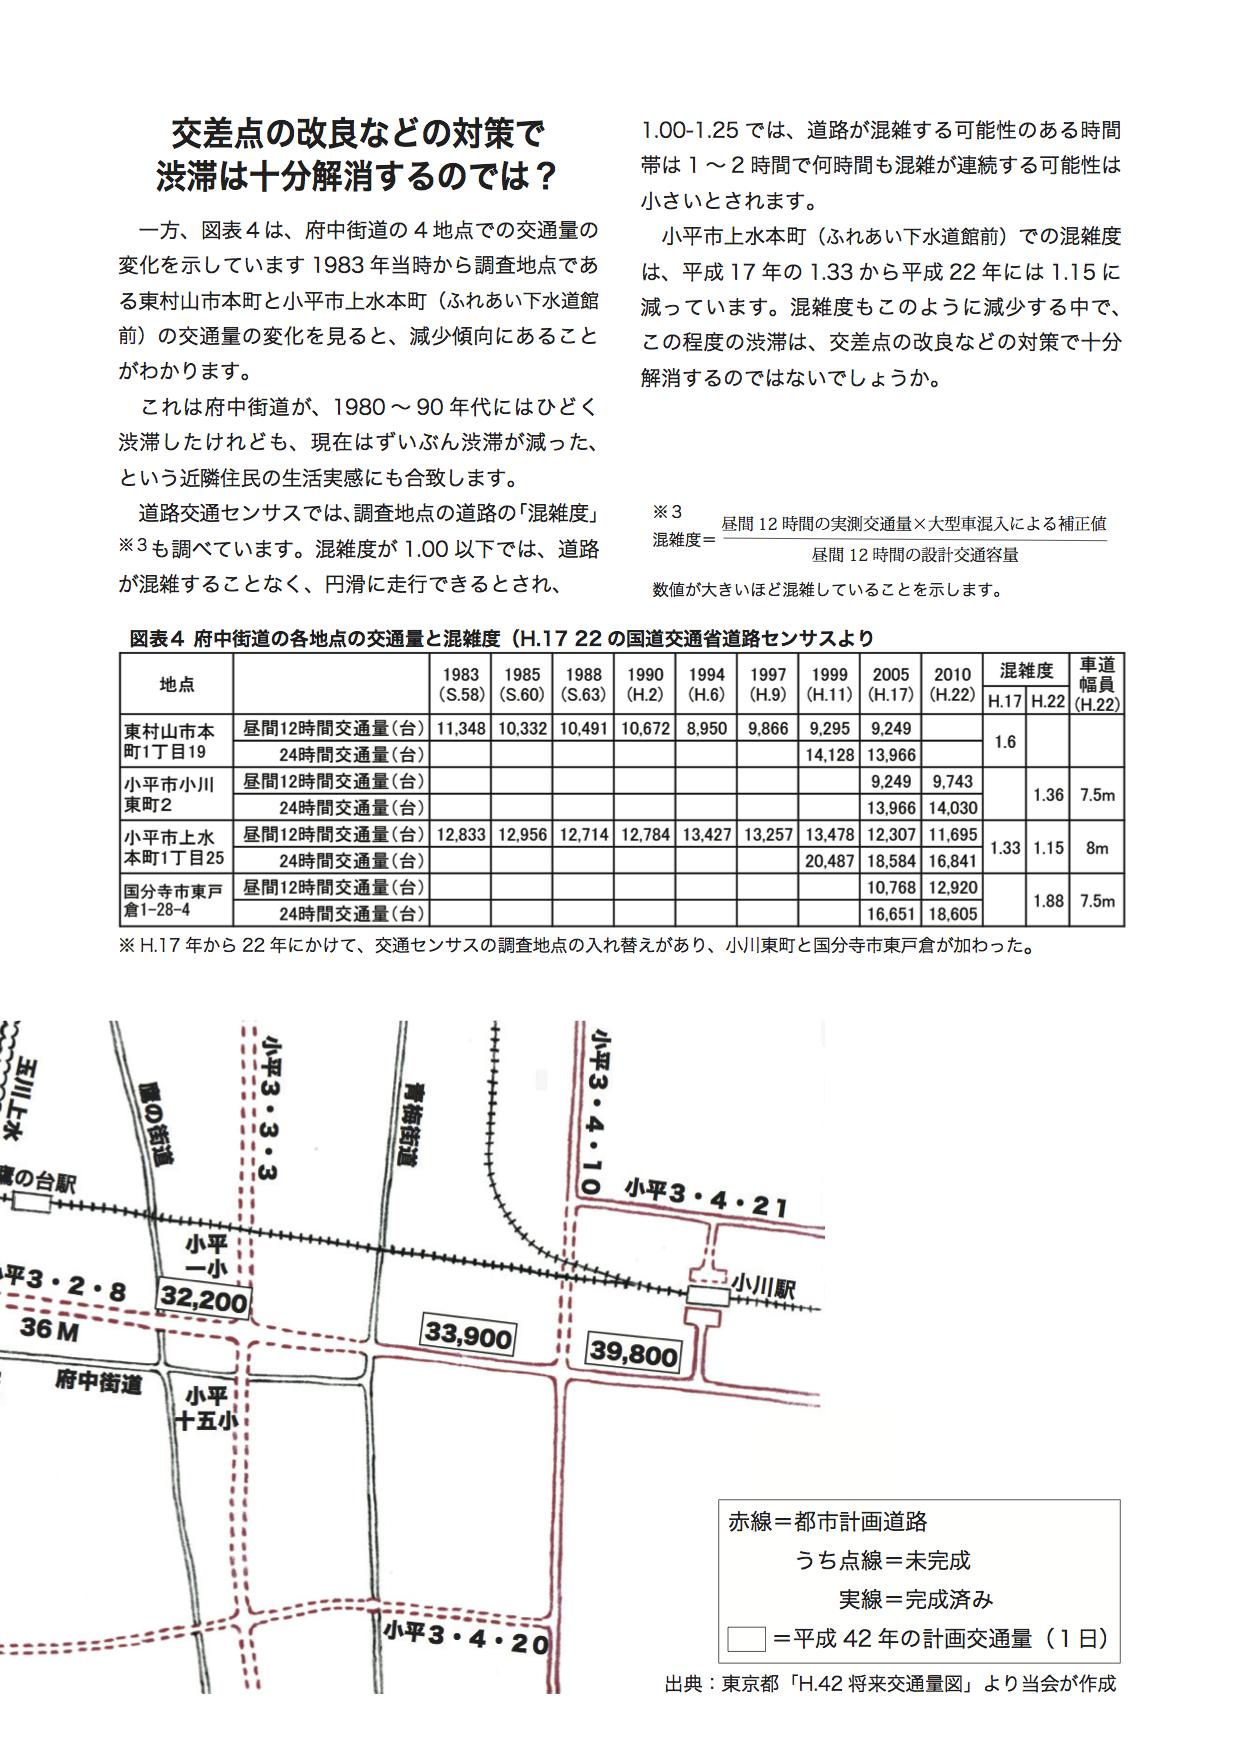 338号線計画を検証する-最終3.jpg